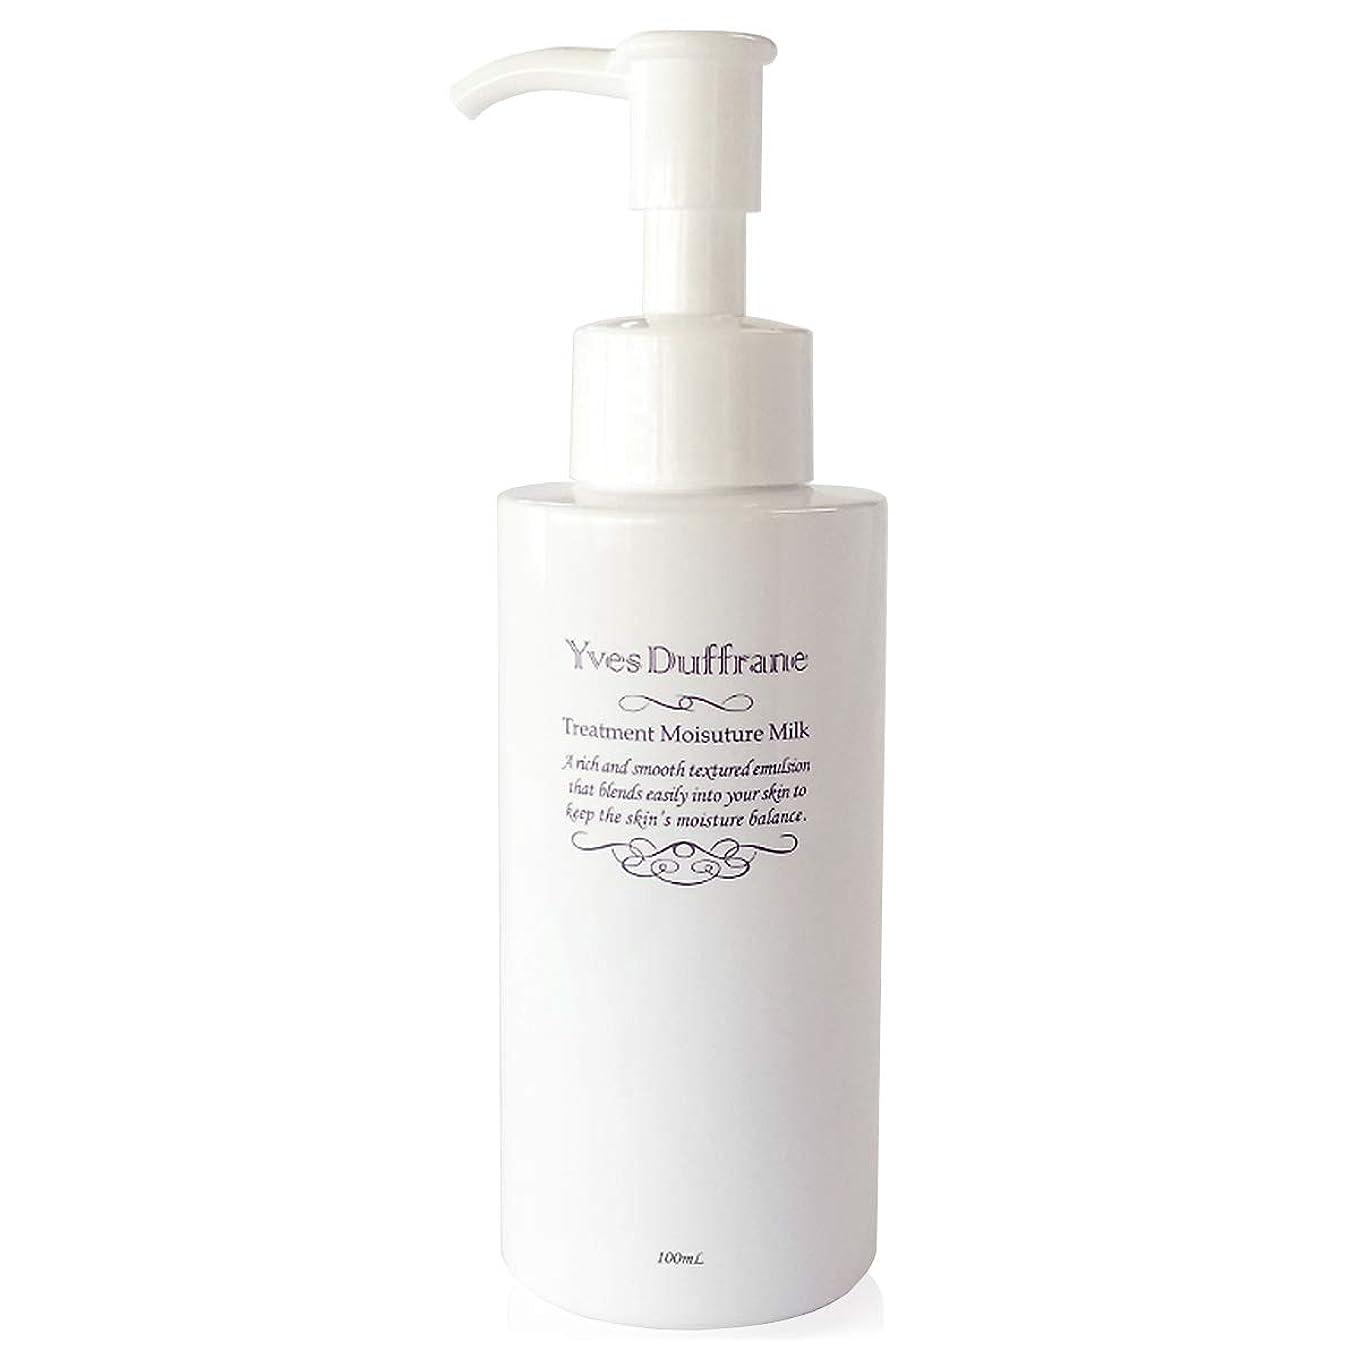 クランプ修正牽引乳液/セラミド アミノ酸 配合 [ 美容乳液 ] 増粘剤不使用 保湿 乾燥?敏感肌対応